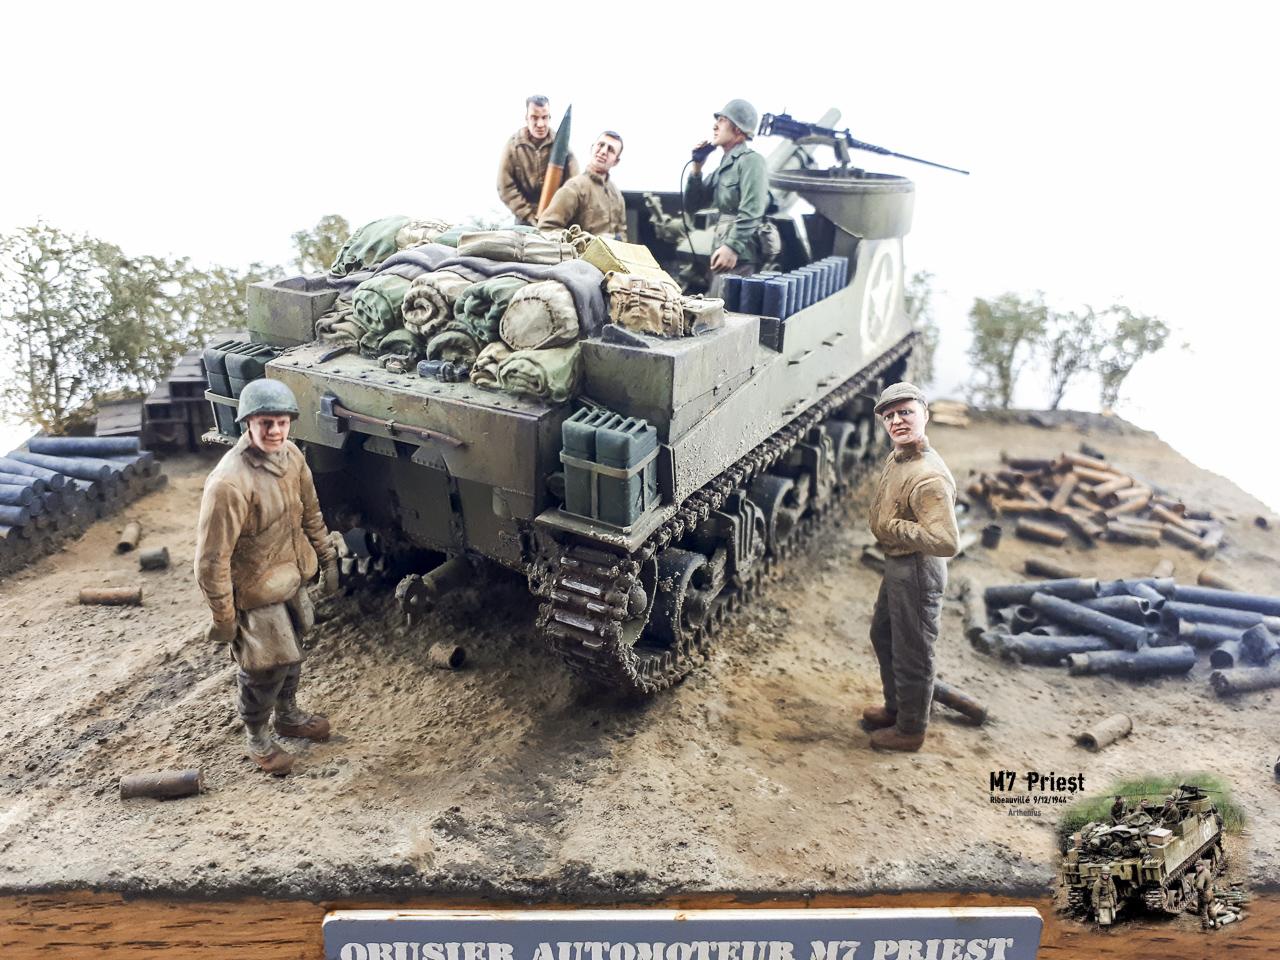 M7 Priest Ribeauvillé 9/12/1944 2018-157